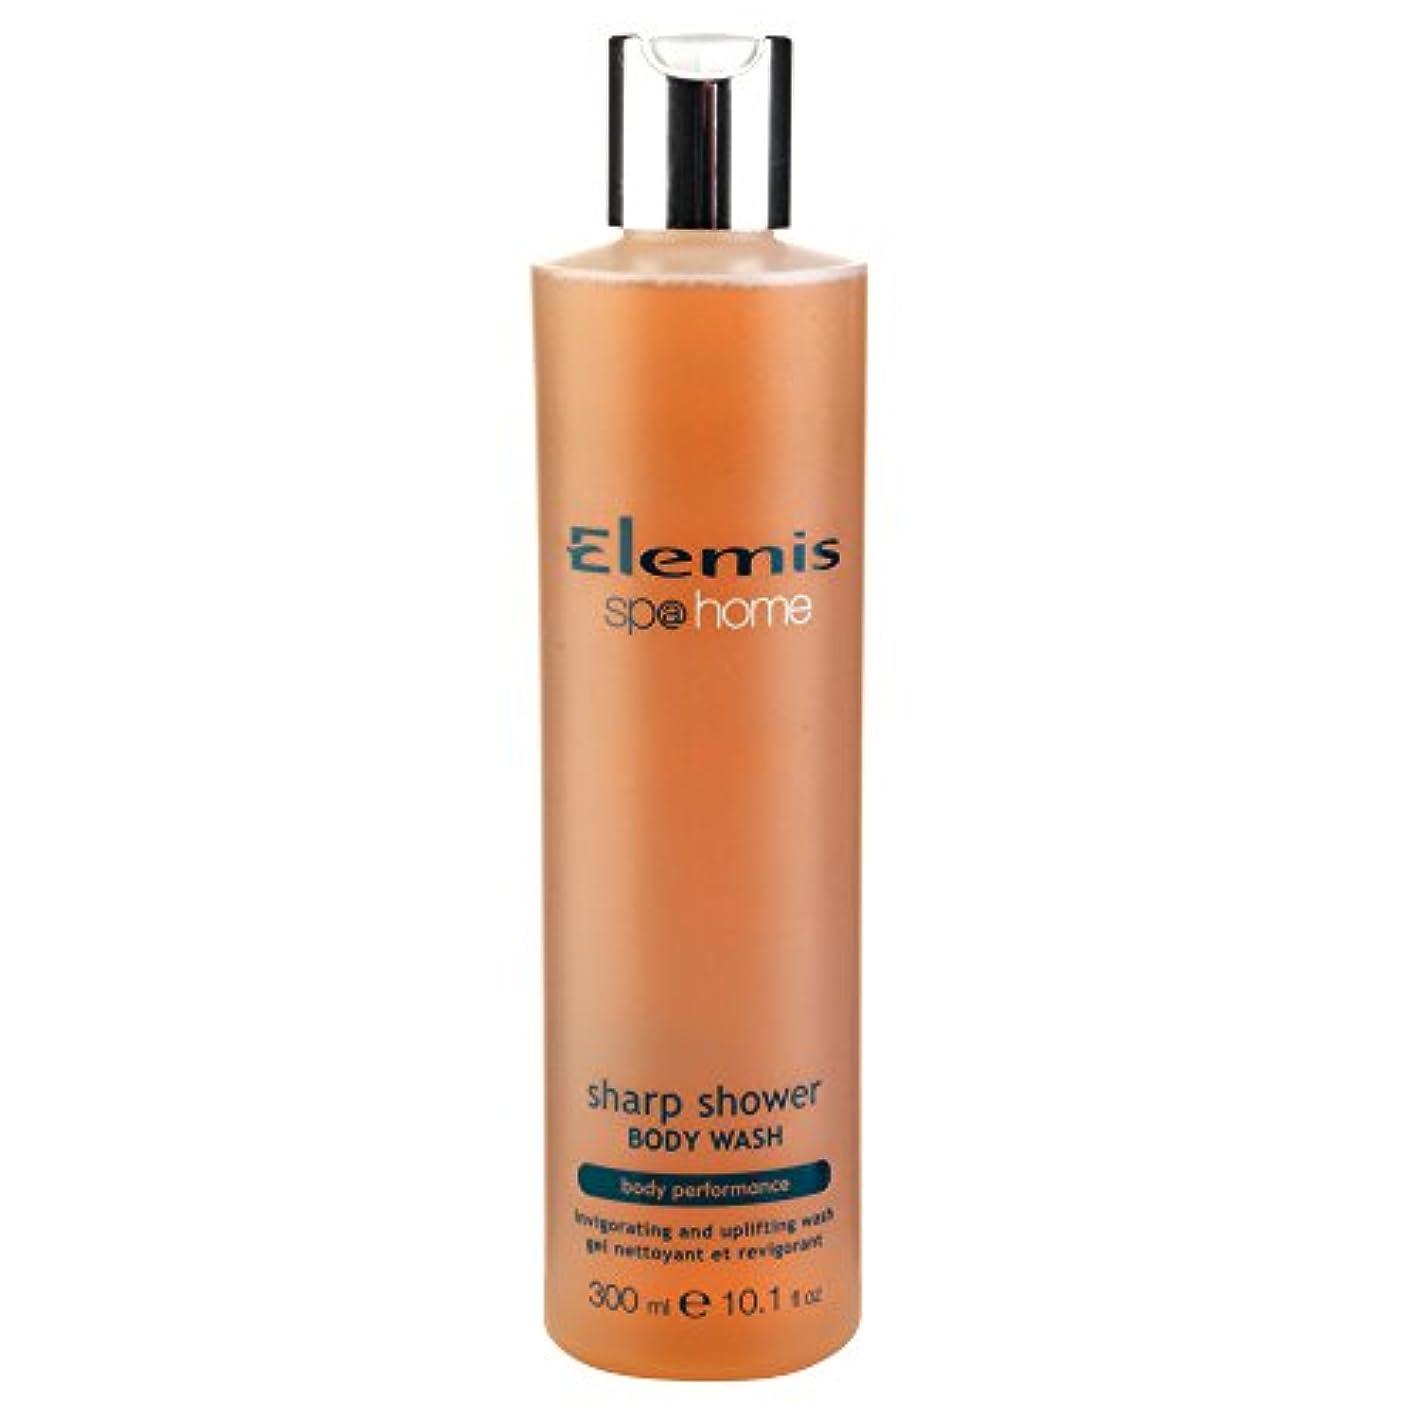 原子炉鬼ごっこ裸エレミスシャープシャワーボディウォッシュ300ミリリットル (Elemis) - Elemis Sharp Shower Body Wash 300ml [並行輸入品]